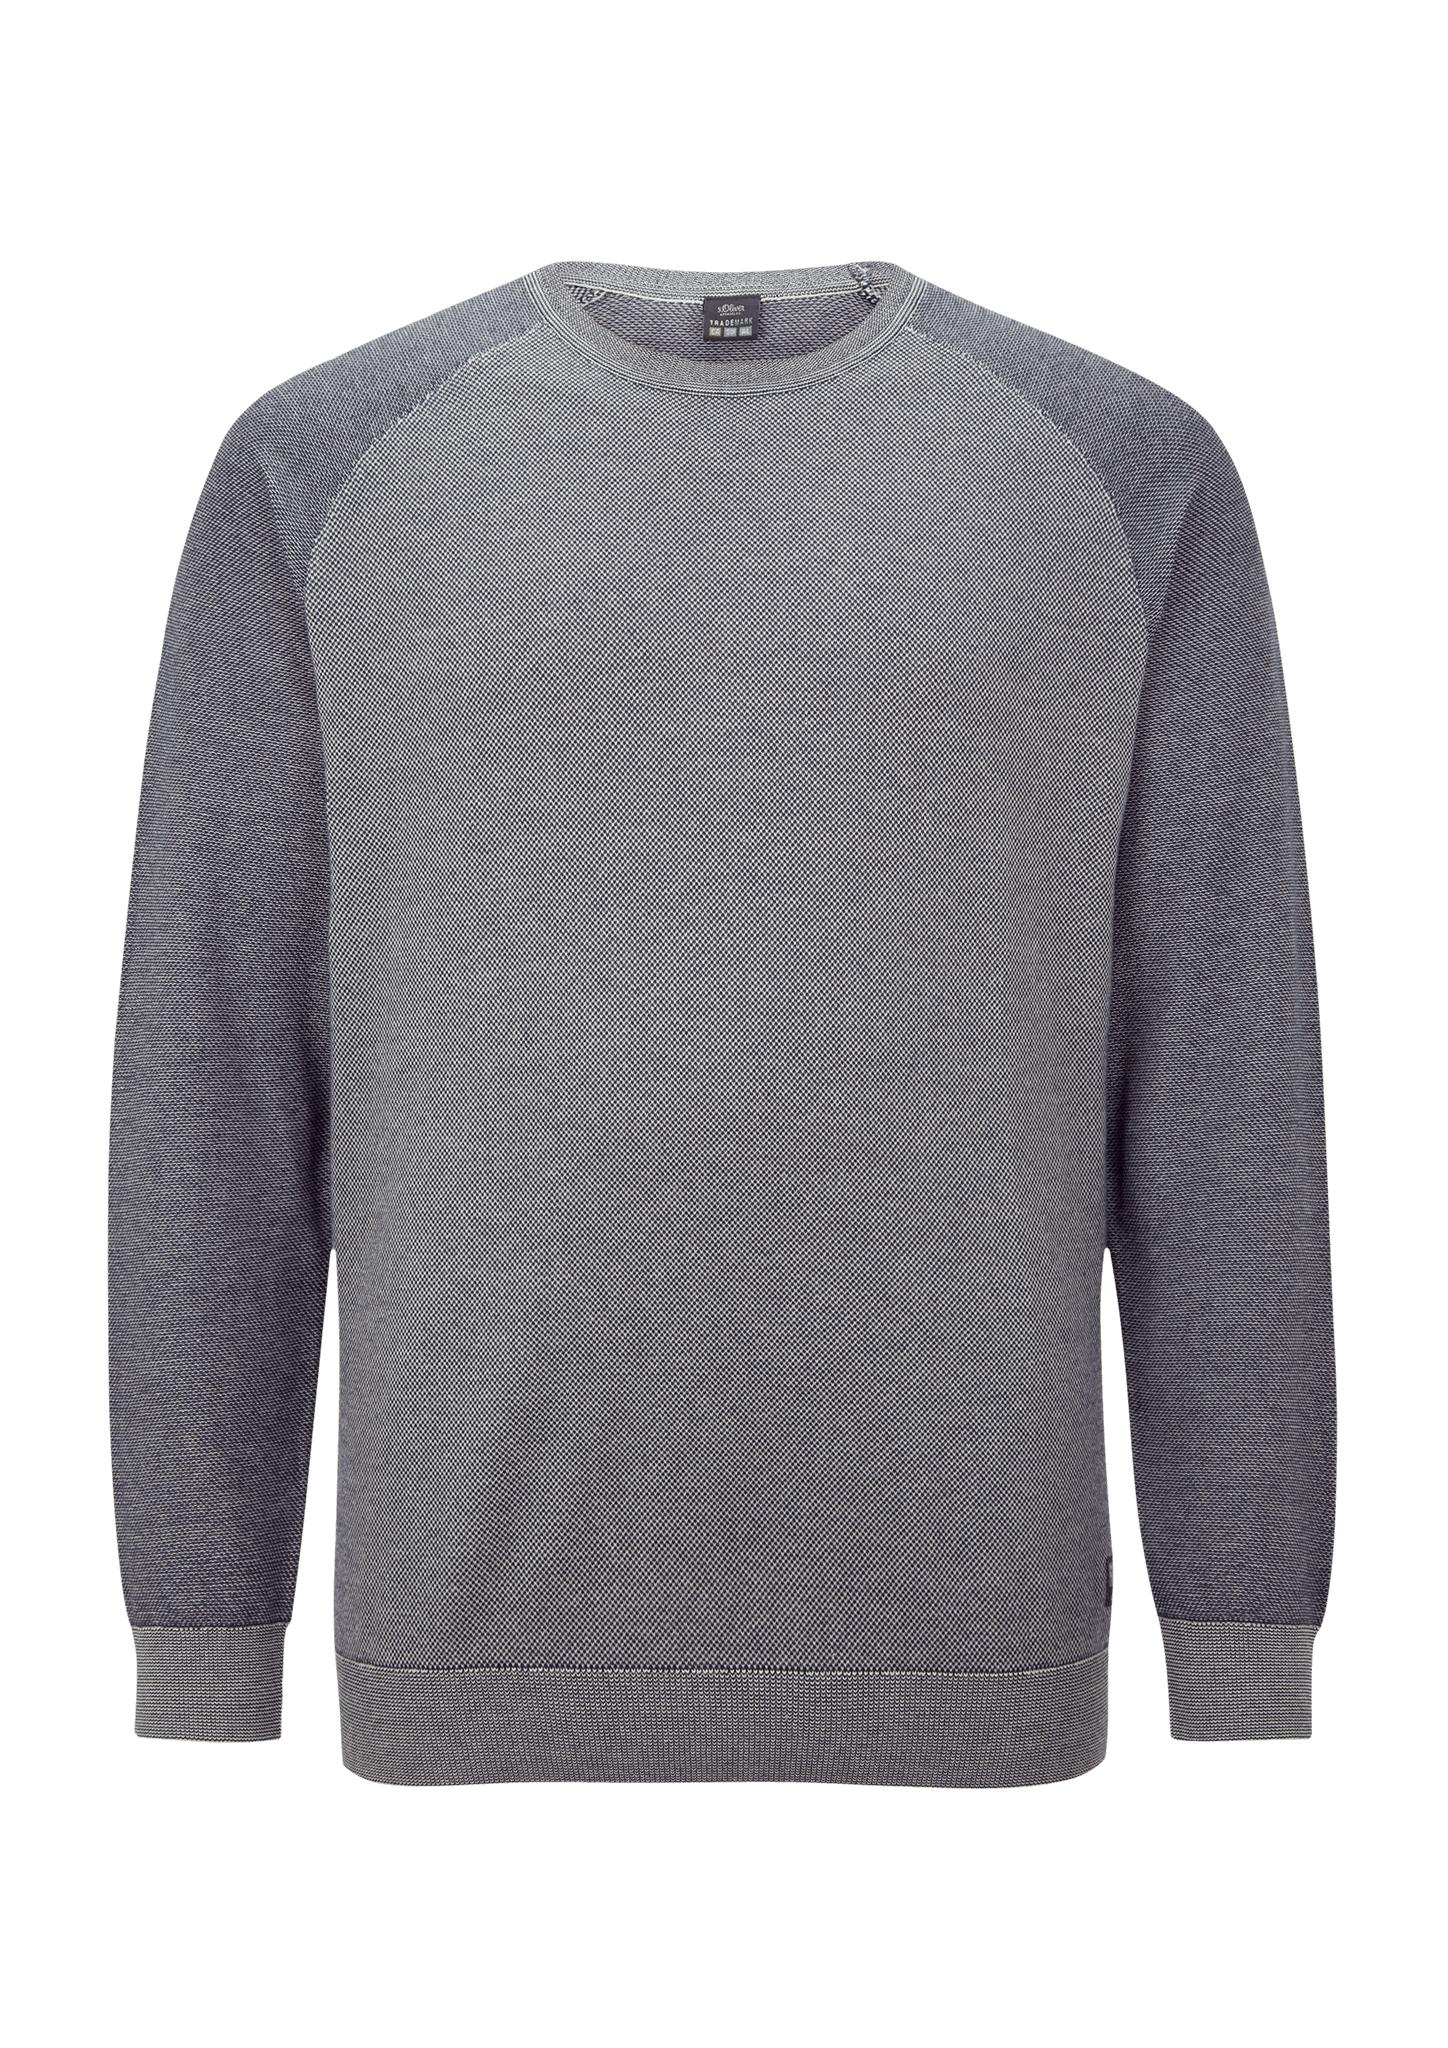 Pullover | Bekleidung > Pullover > Sonstige Pullover | Blau | 100% baumwolle | s.Oliver Men Big Sizes